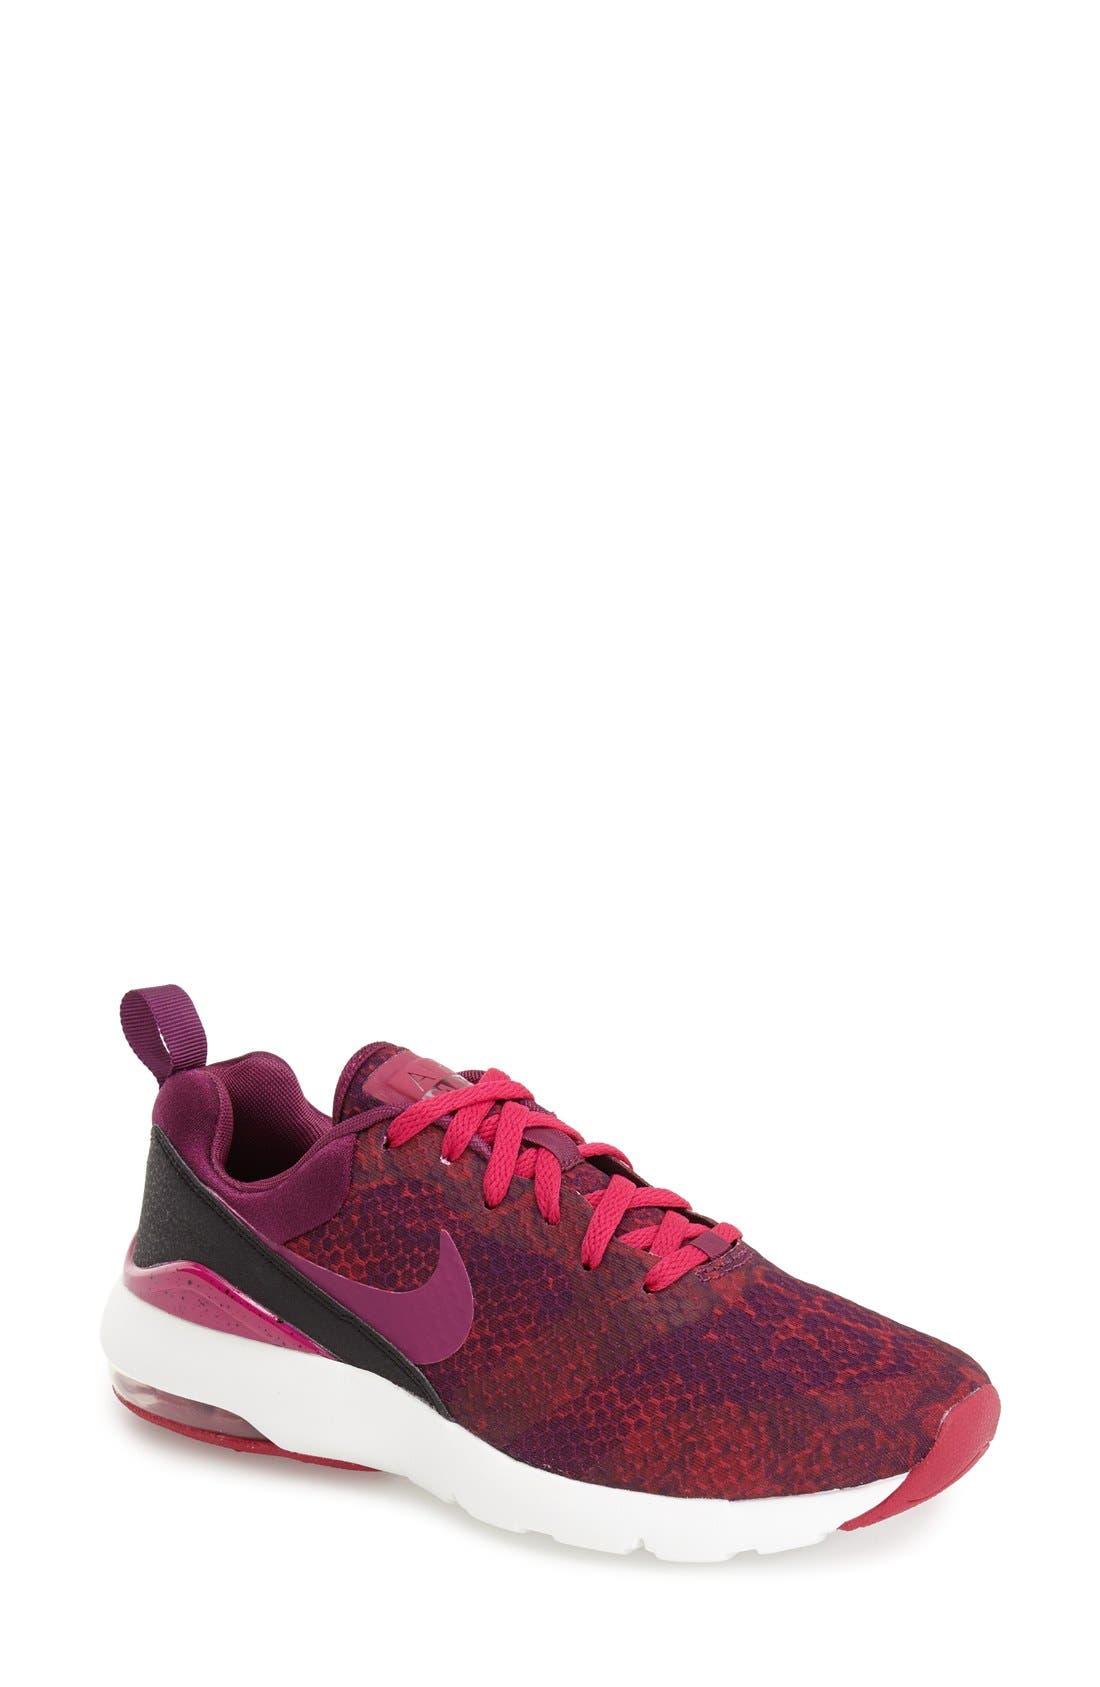 Main Image - Nike 'Air Max Siren' Print Sneaker (Women)